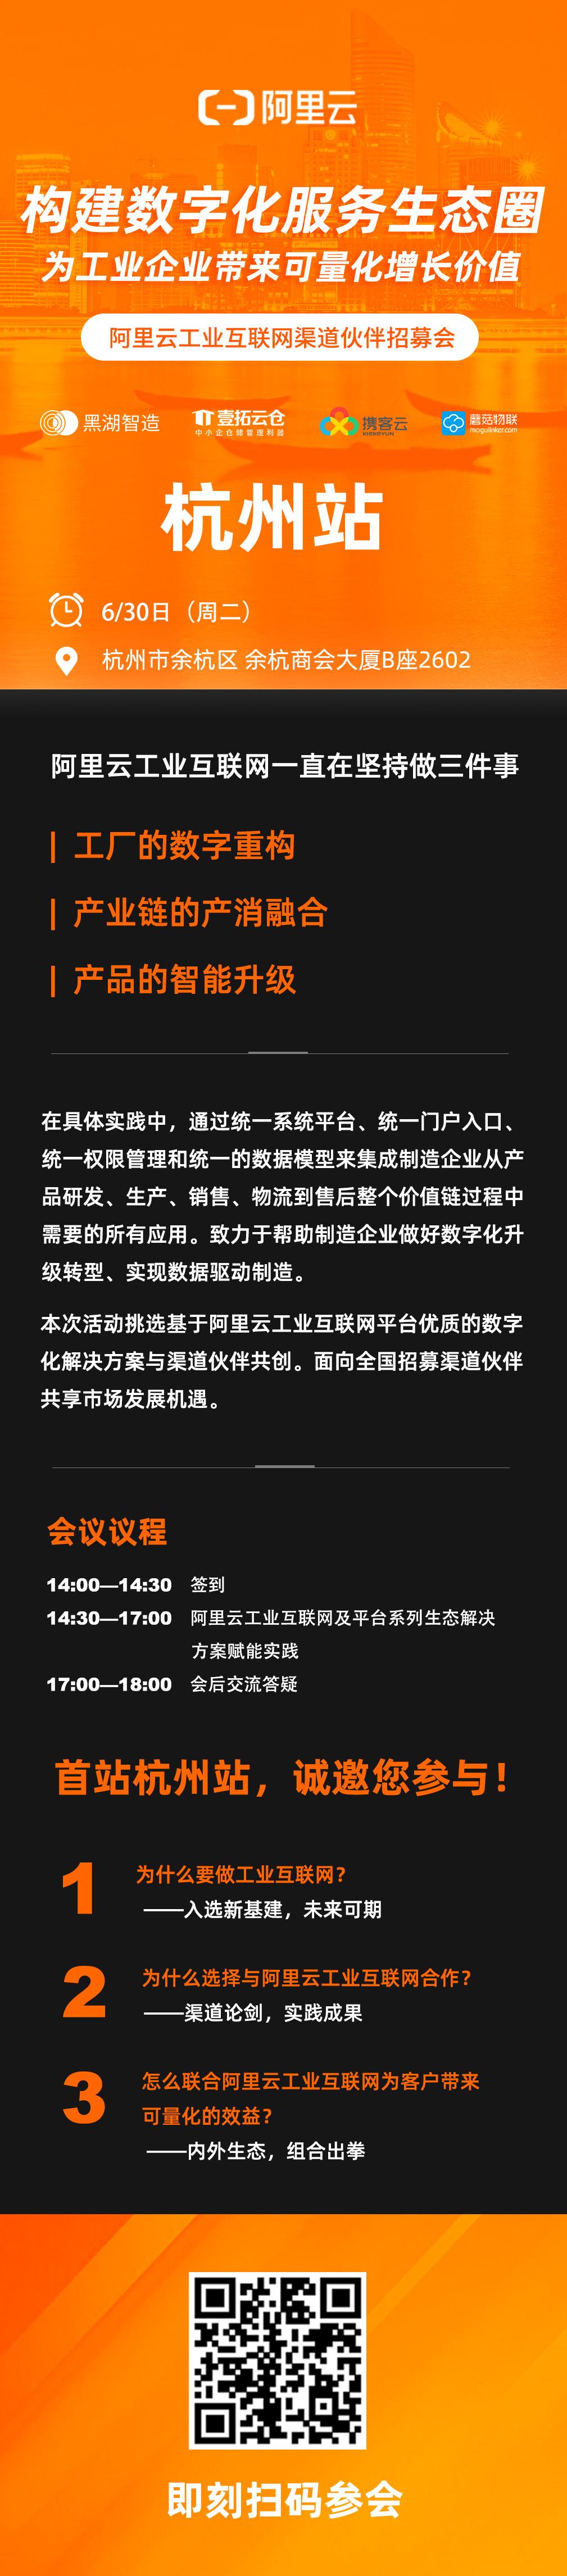 阿里云招商会—杭州站(1).jpg